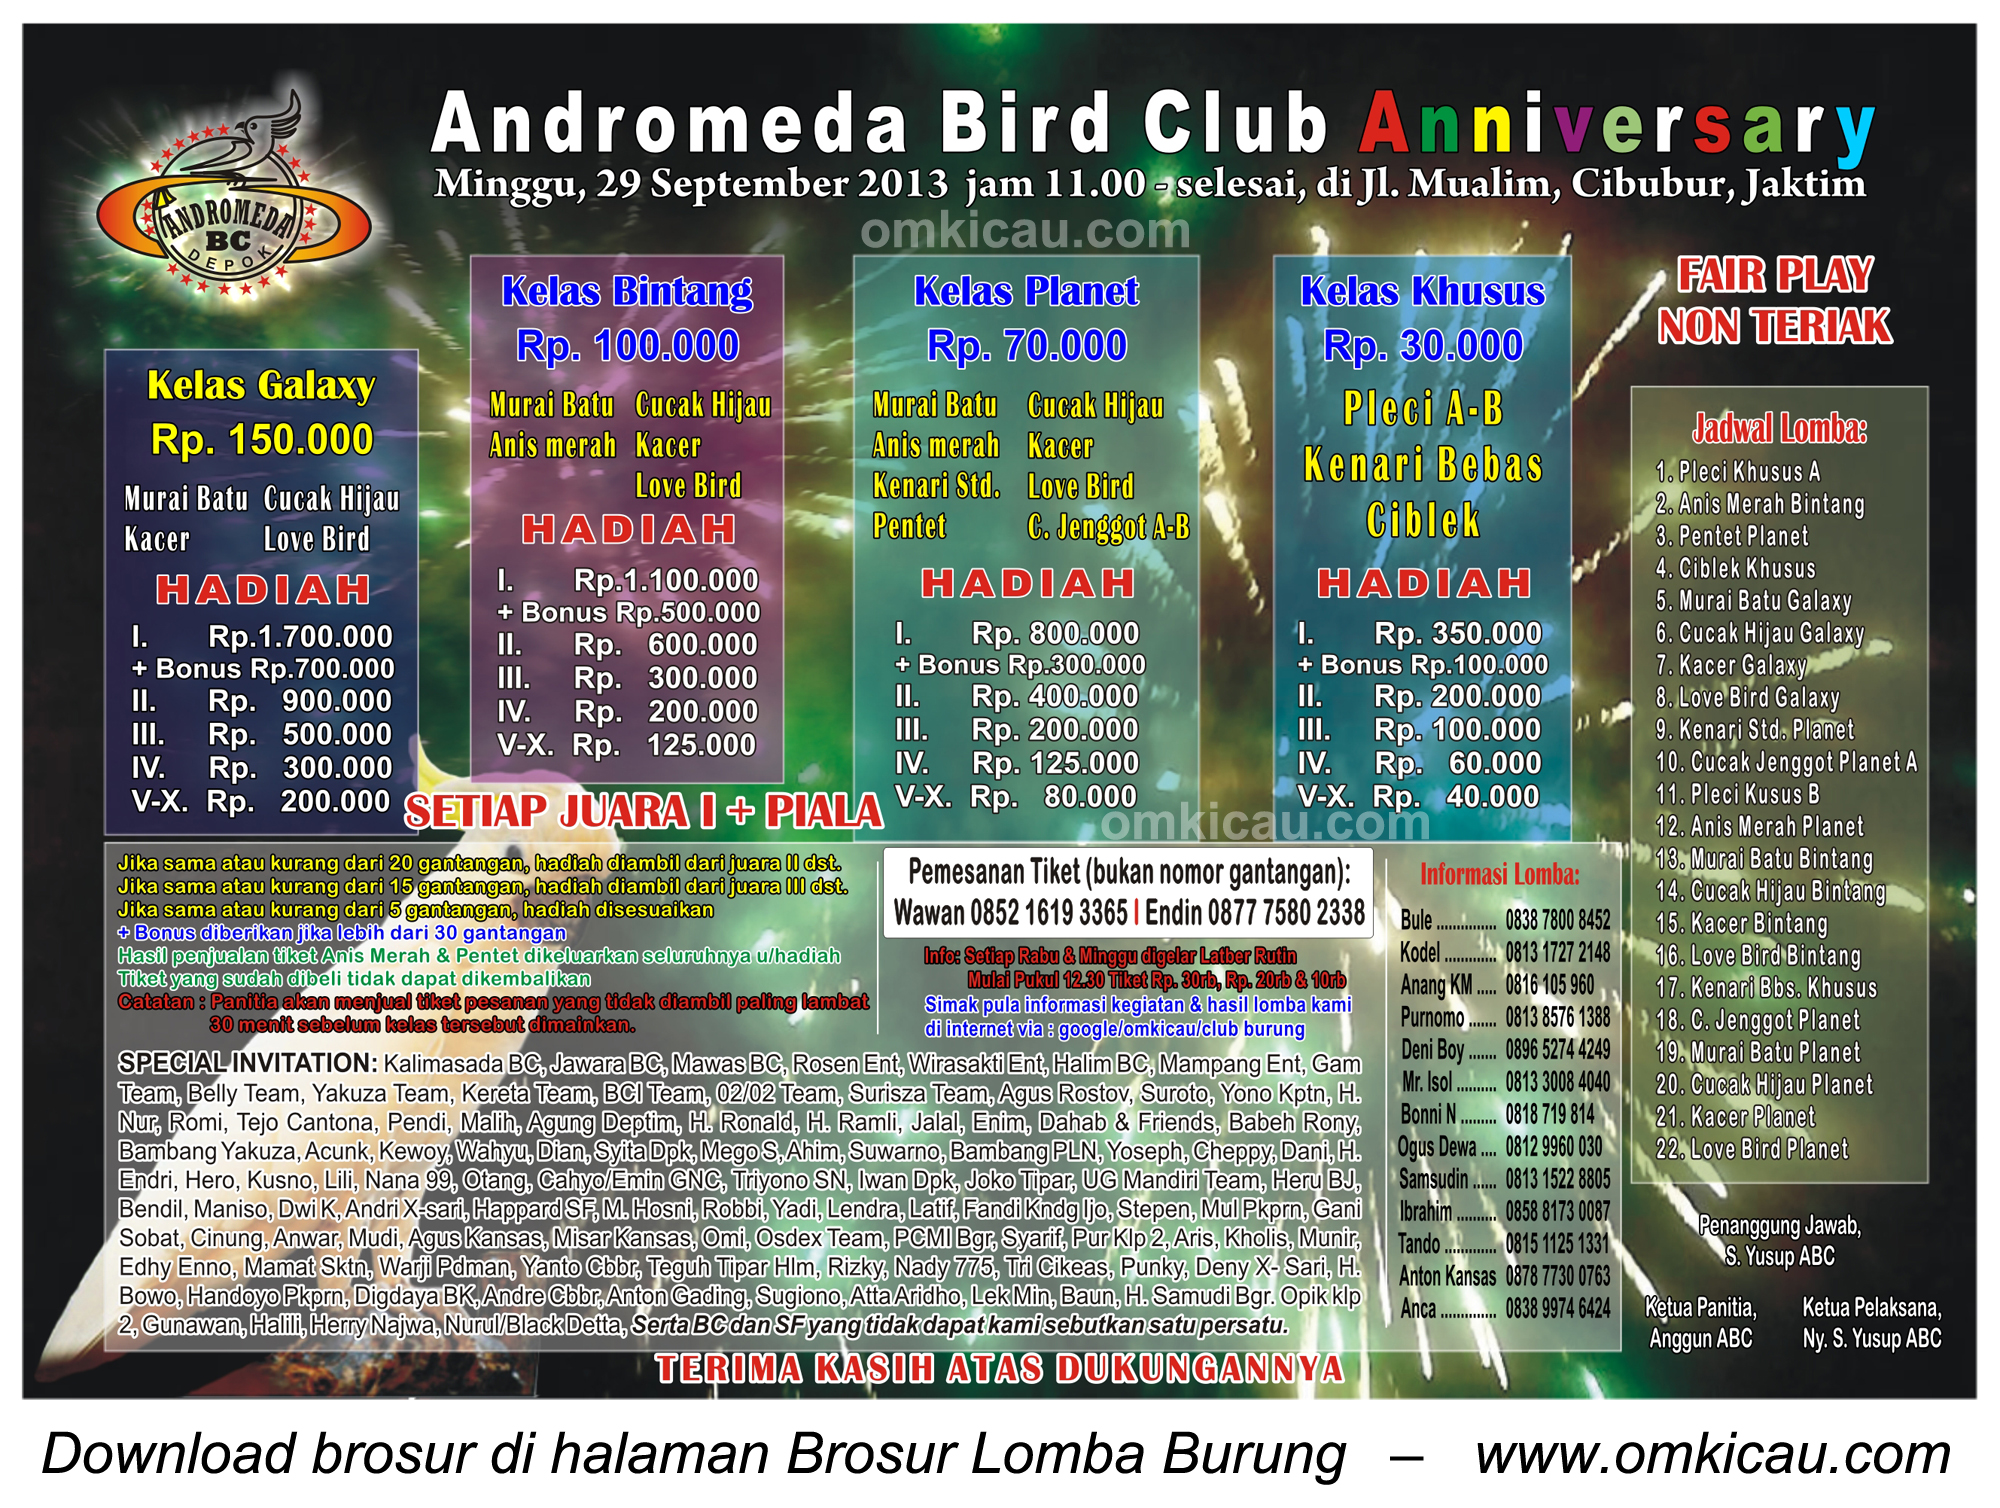 Lomba Burung Andromeda BC Anniversary